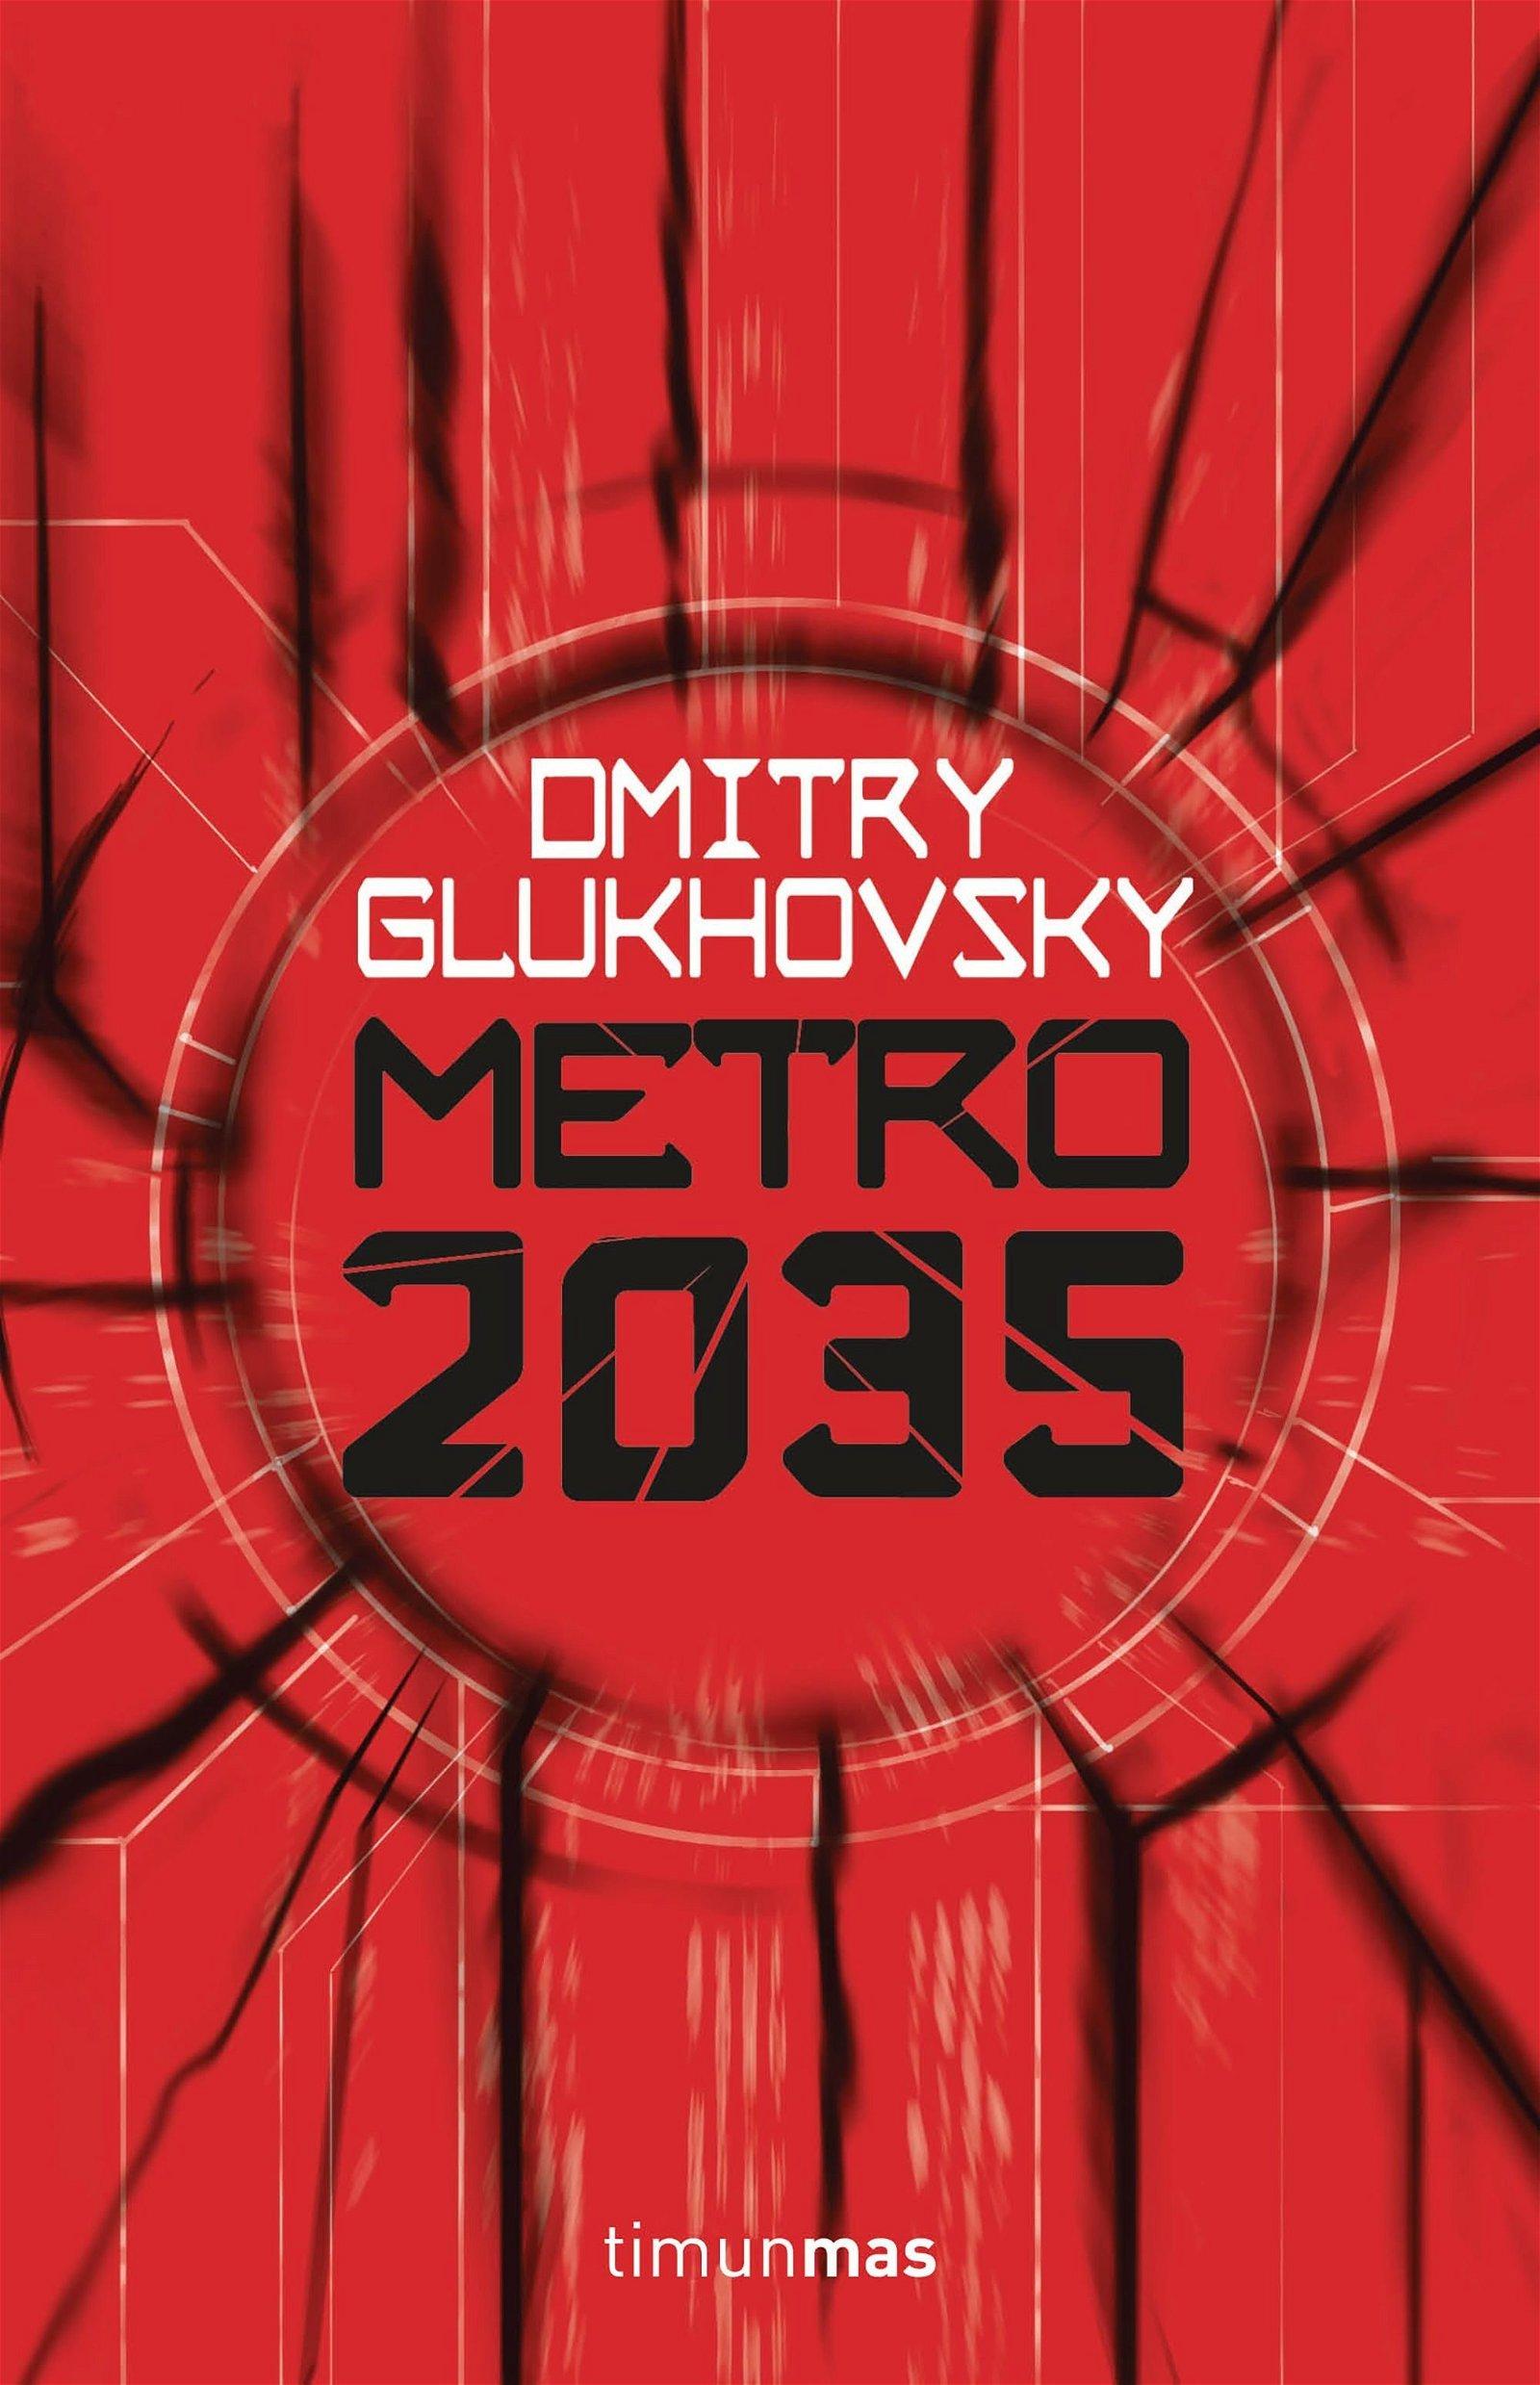 Dmitry Glukhovsky, autor de los libros de la serie Metro pide a los usuarios que todas las preguntas del próximo videojuego se le hagan a Deep Silver